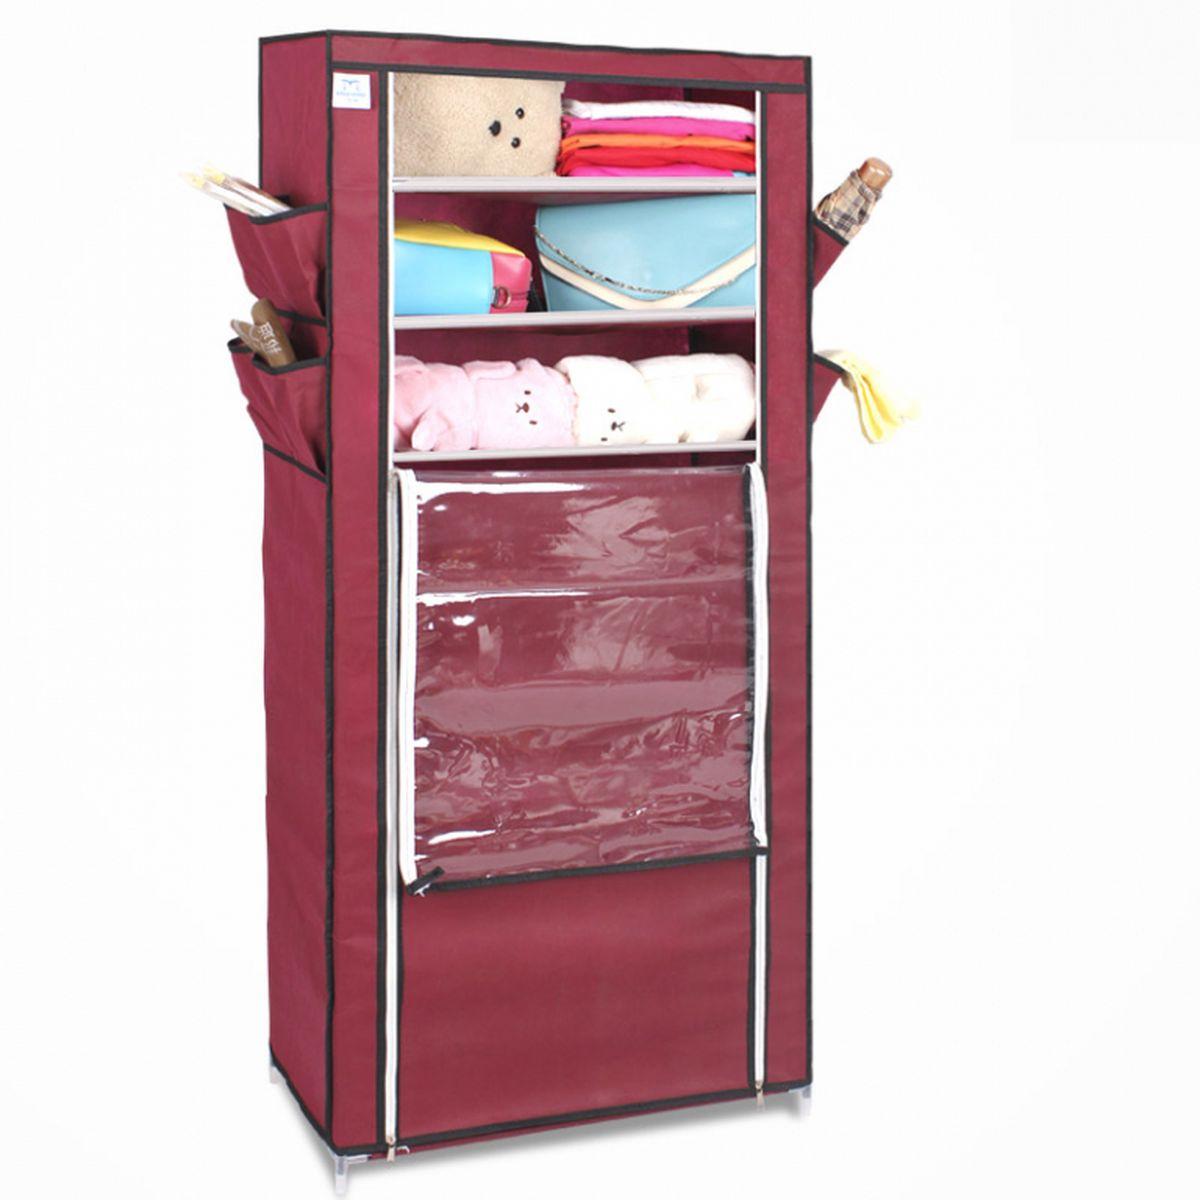 Тканевый шкаф для обуви и аксессуаров Homsu Элис, цвет: бордовый, 60 x 30 x 136 смWHHH10-382Этот шкаф предназначен для комфортного, практичного и удобного хранения обуви и других предметов в вашем доме.Выполненный в бордовом цвете, такой шкаф вполне может стать полноценным дополнением к вашей уютной домашней обстановке. 8 полок для обуви, шириной 60 см и глубиной 30 см плюс боковые кармашки для тапочек, зонтов и всяких мелочей надолго обеспечат полный порядок в прихожей. Фактический цвет может отличаться от заявленного.